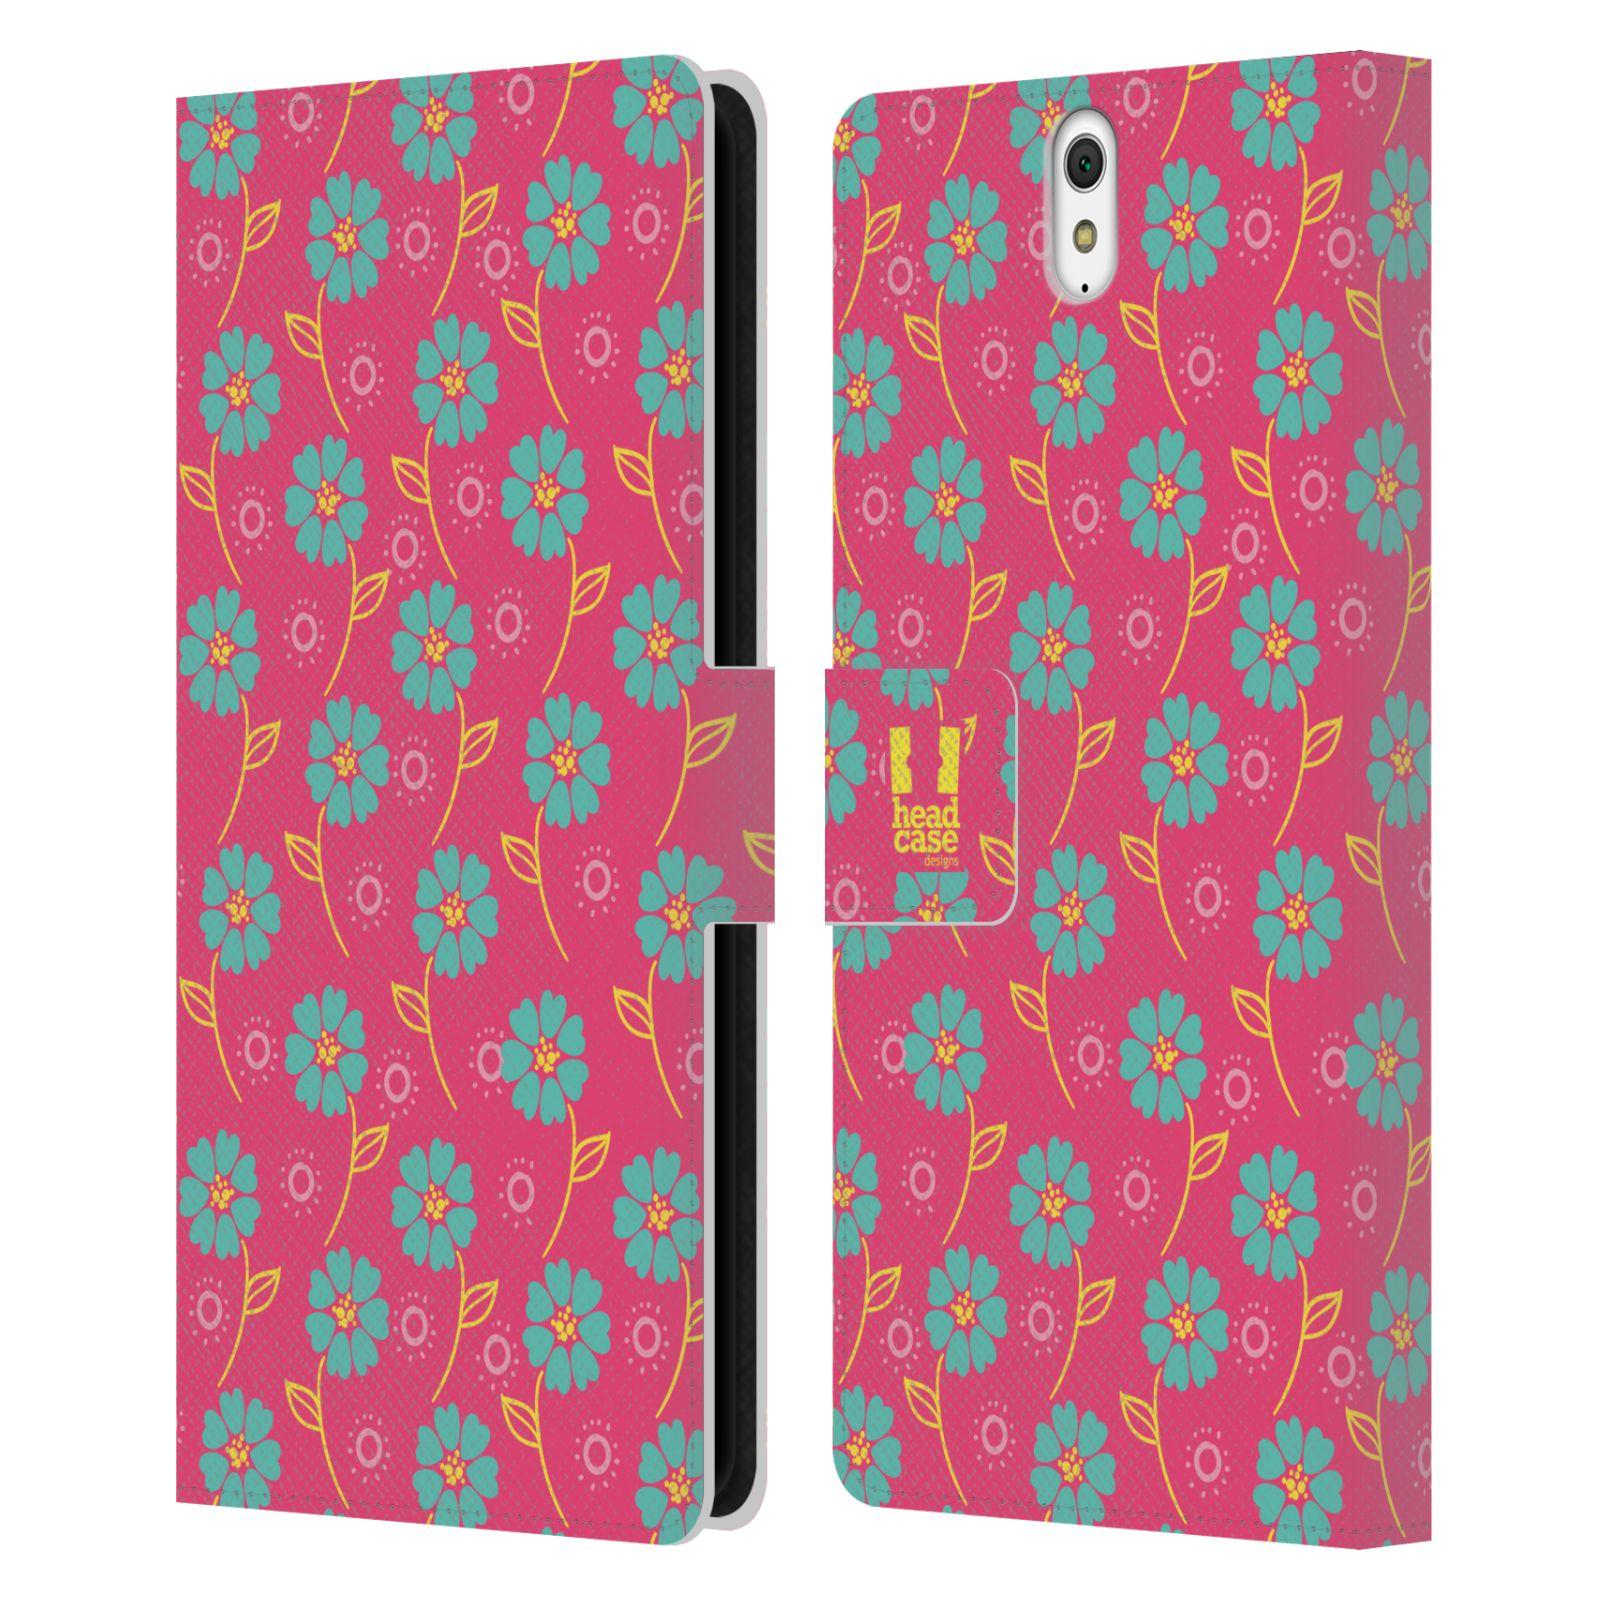 HEAD CASE Flipové pouzdro pro mobil SONY XPERIA C5 Ultra Slovanský vzor růžová a modrá květiny